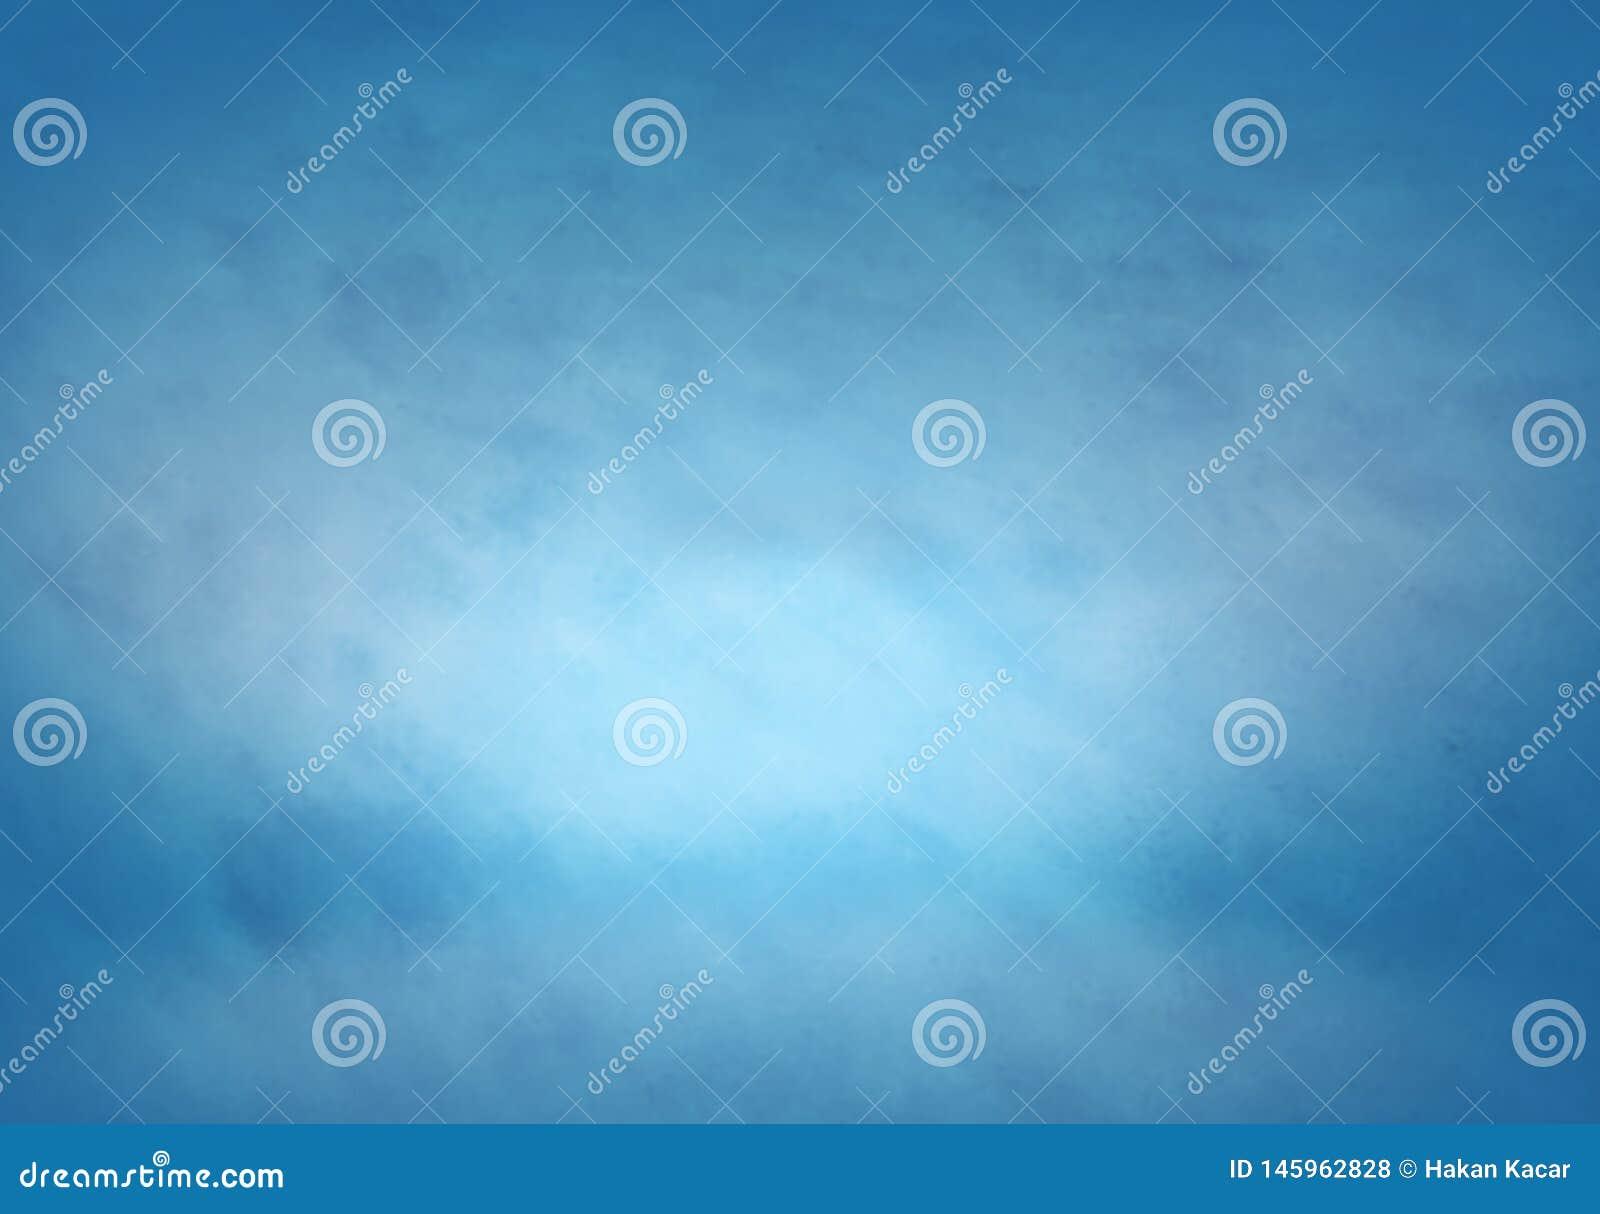 Ijs blauwe achtergrond, textuurijs